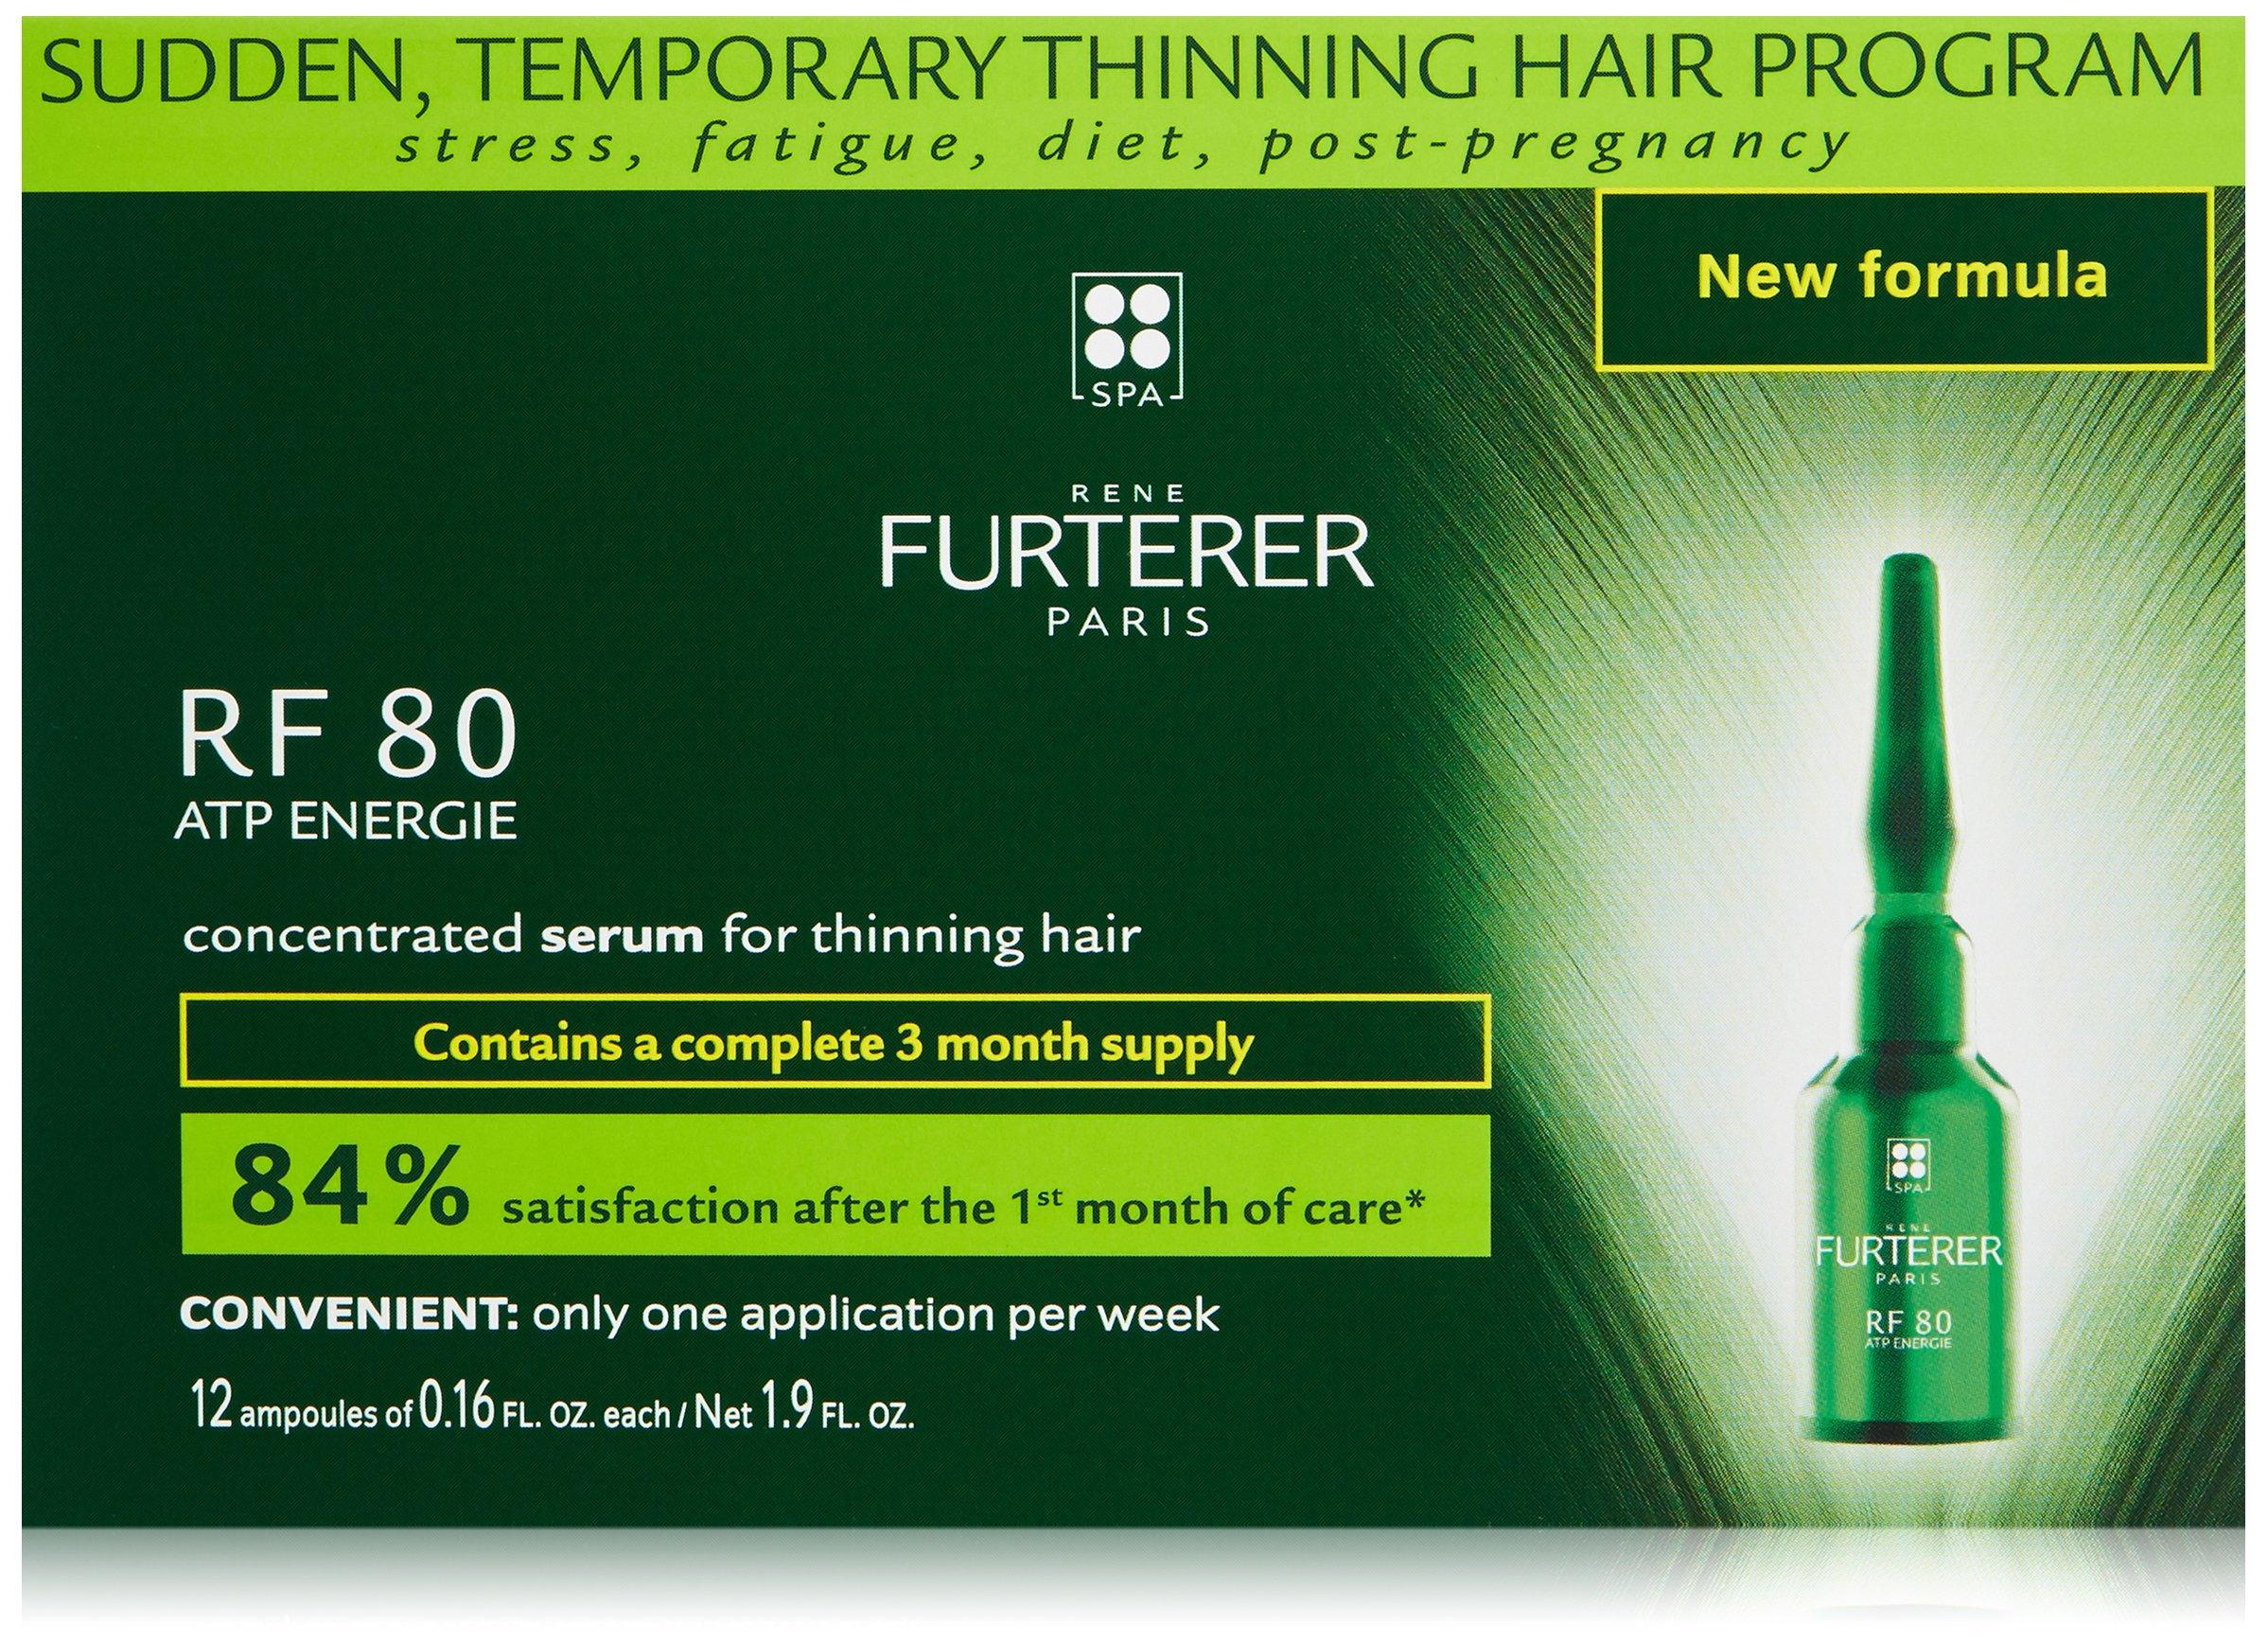 RENE FURTERER RF 80 Sudden Temporary Thinning Hair, 1.9 fl. oz.